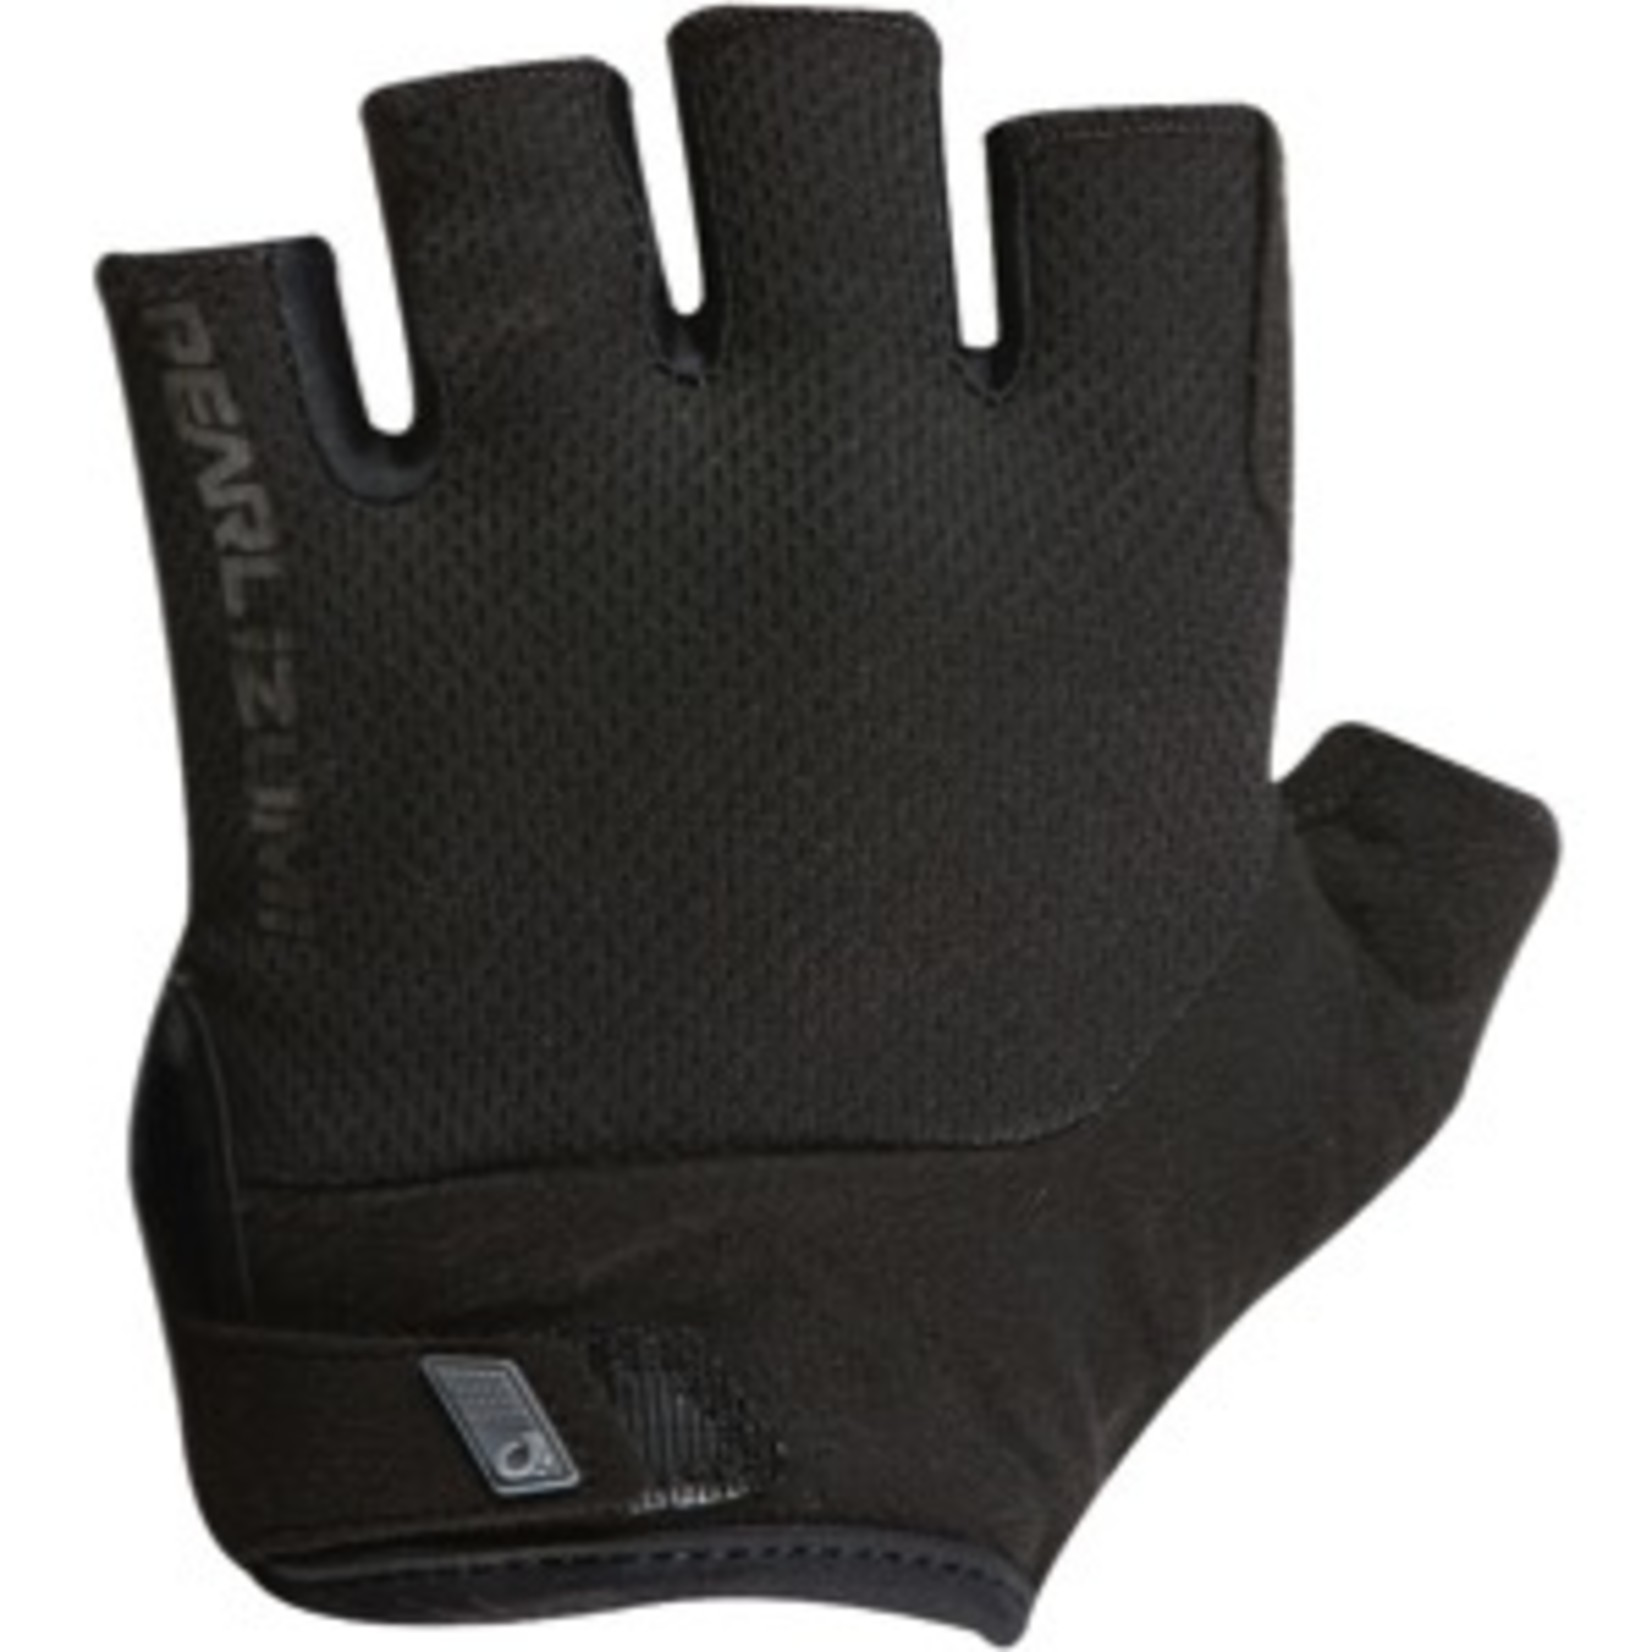 Pearl Izumi Attack Glove